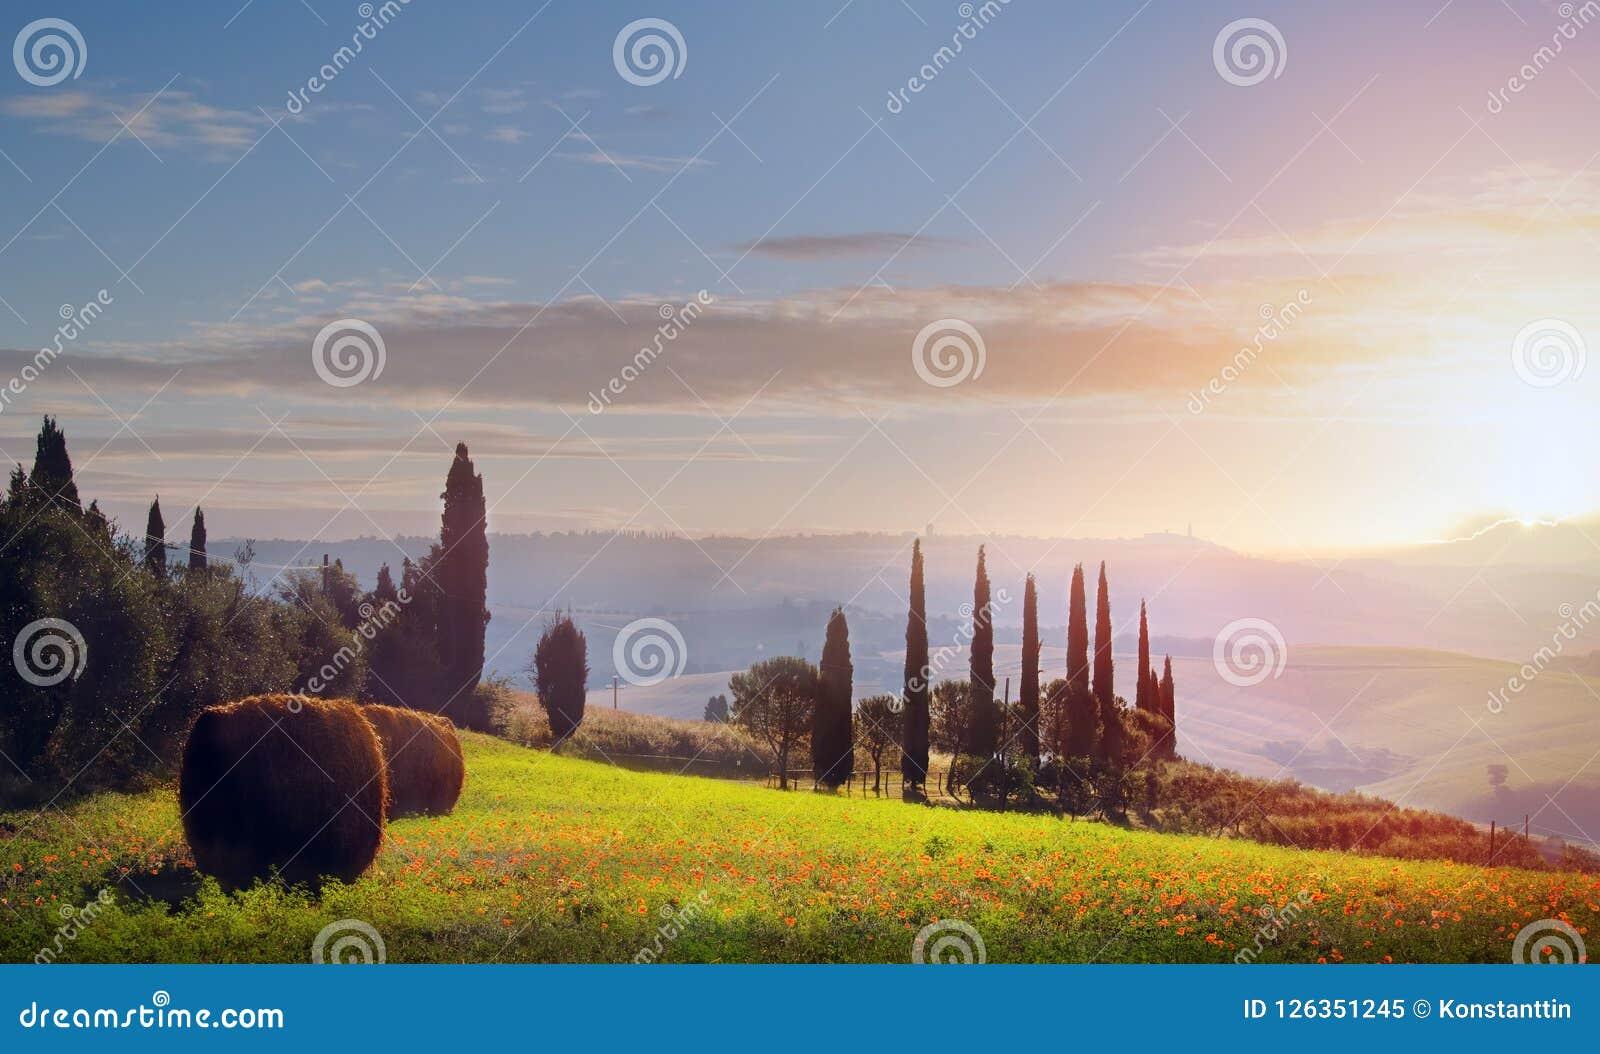 Italy Tuscany jordbruksmark och olivträd; sommarbygdland